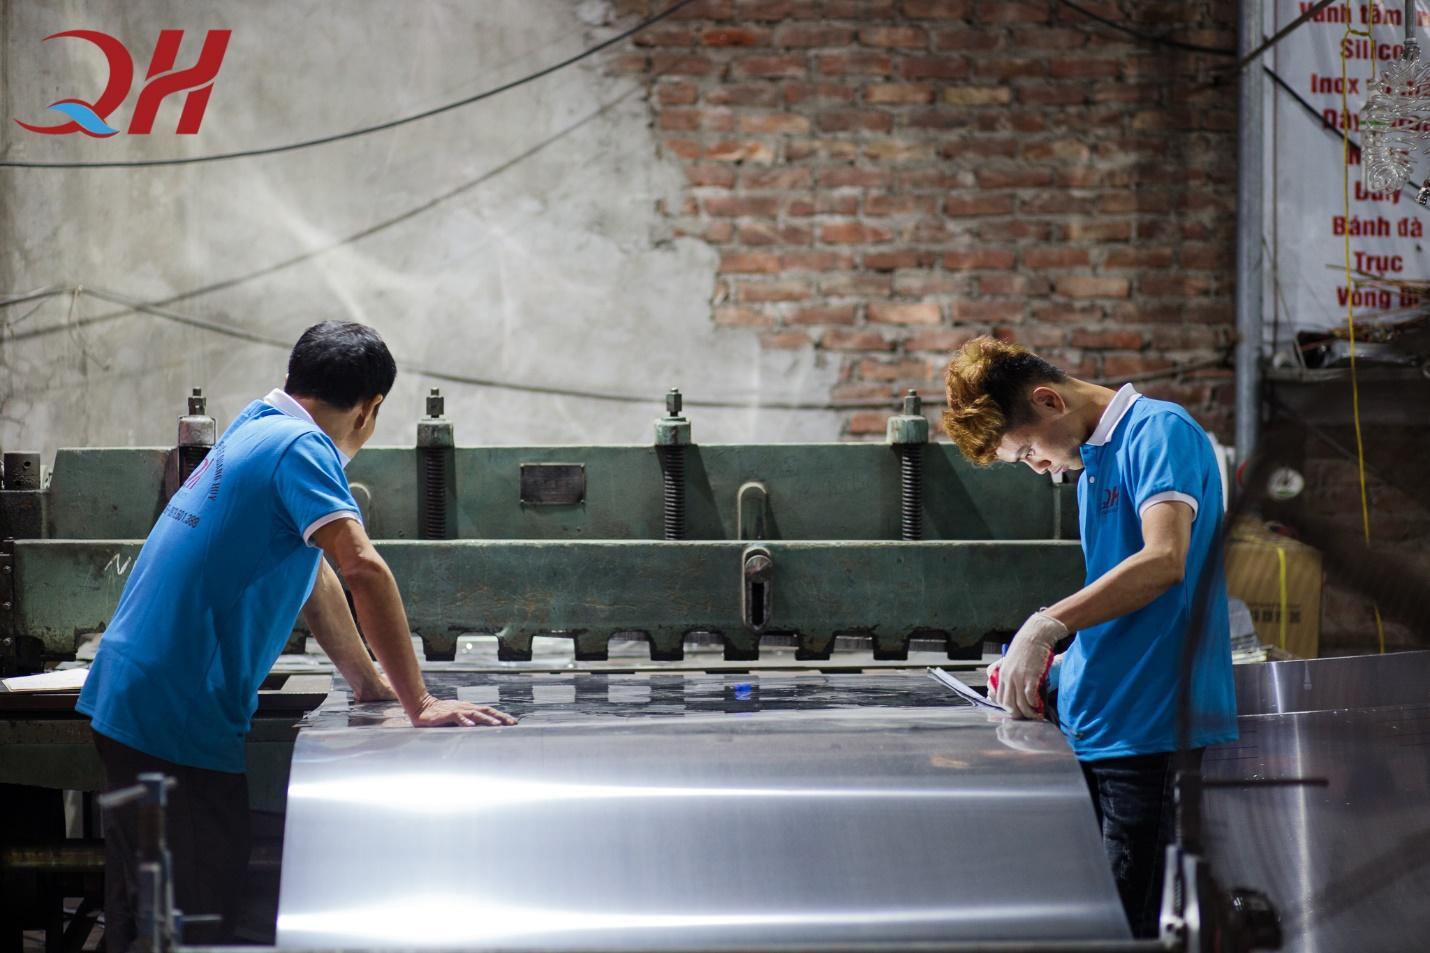 Khâu sản xuất tủ cơm công nghiệp tại xưởng cơ khí Quang Huy